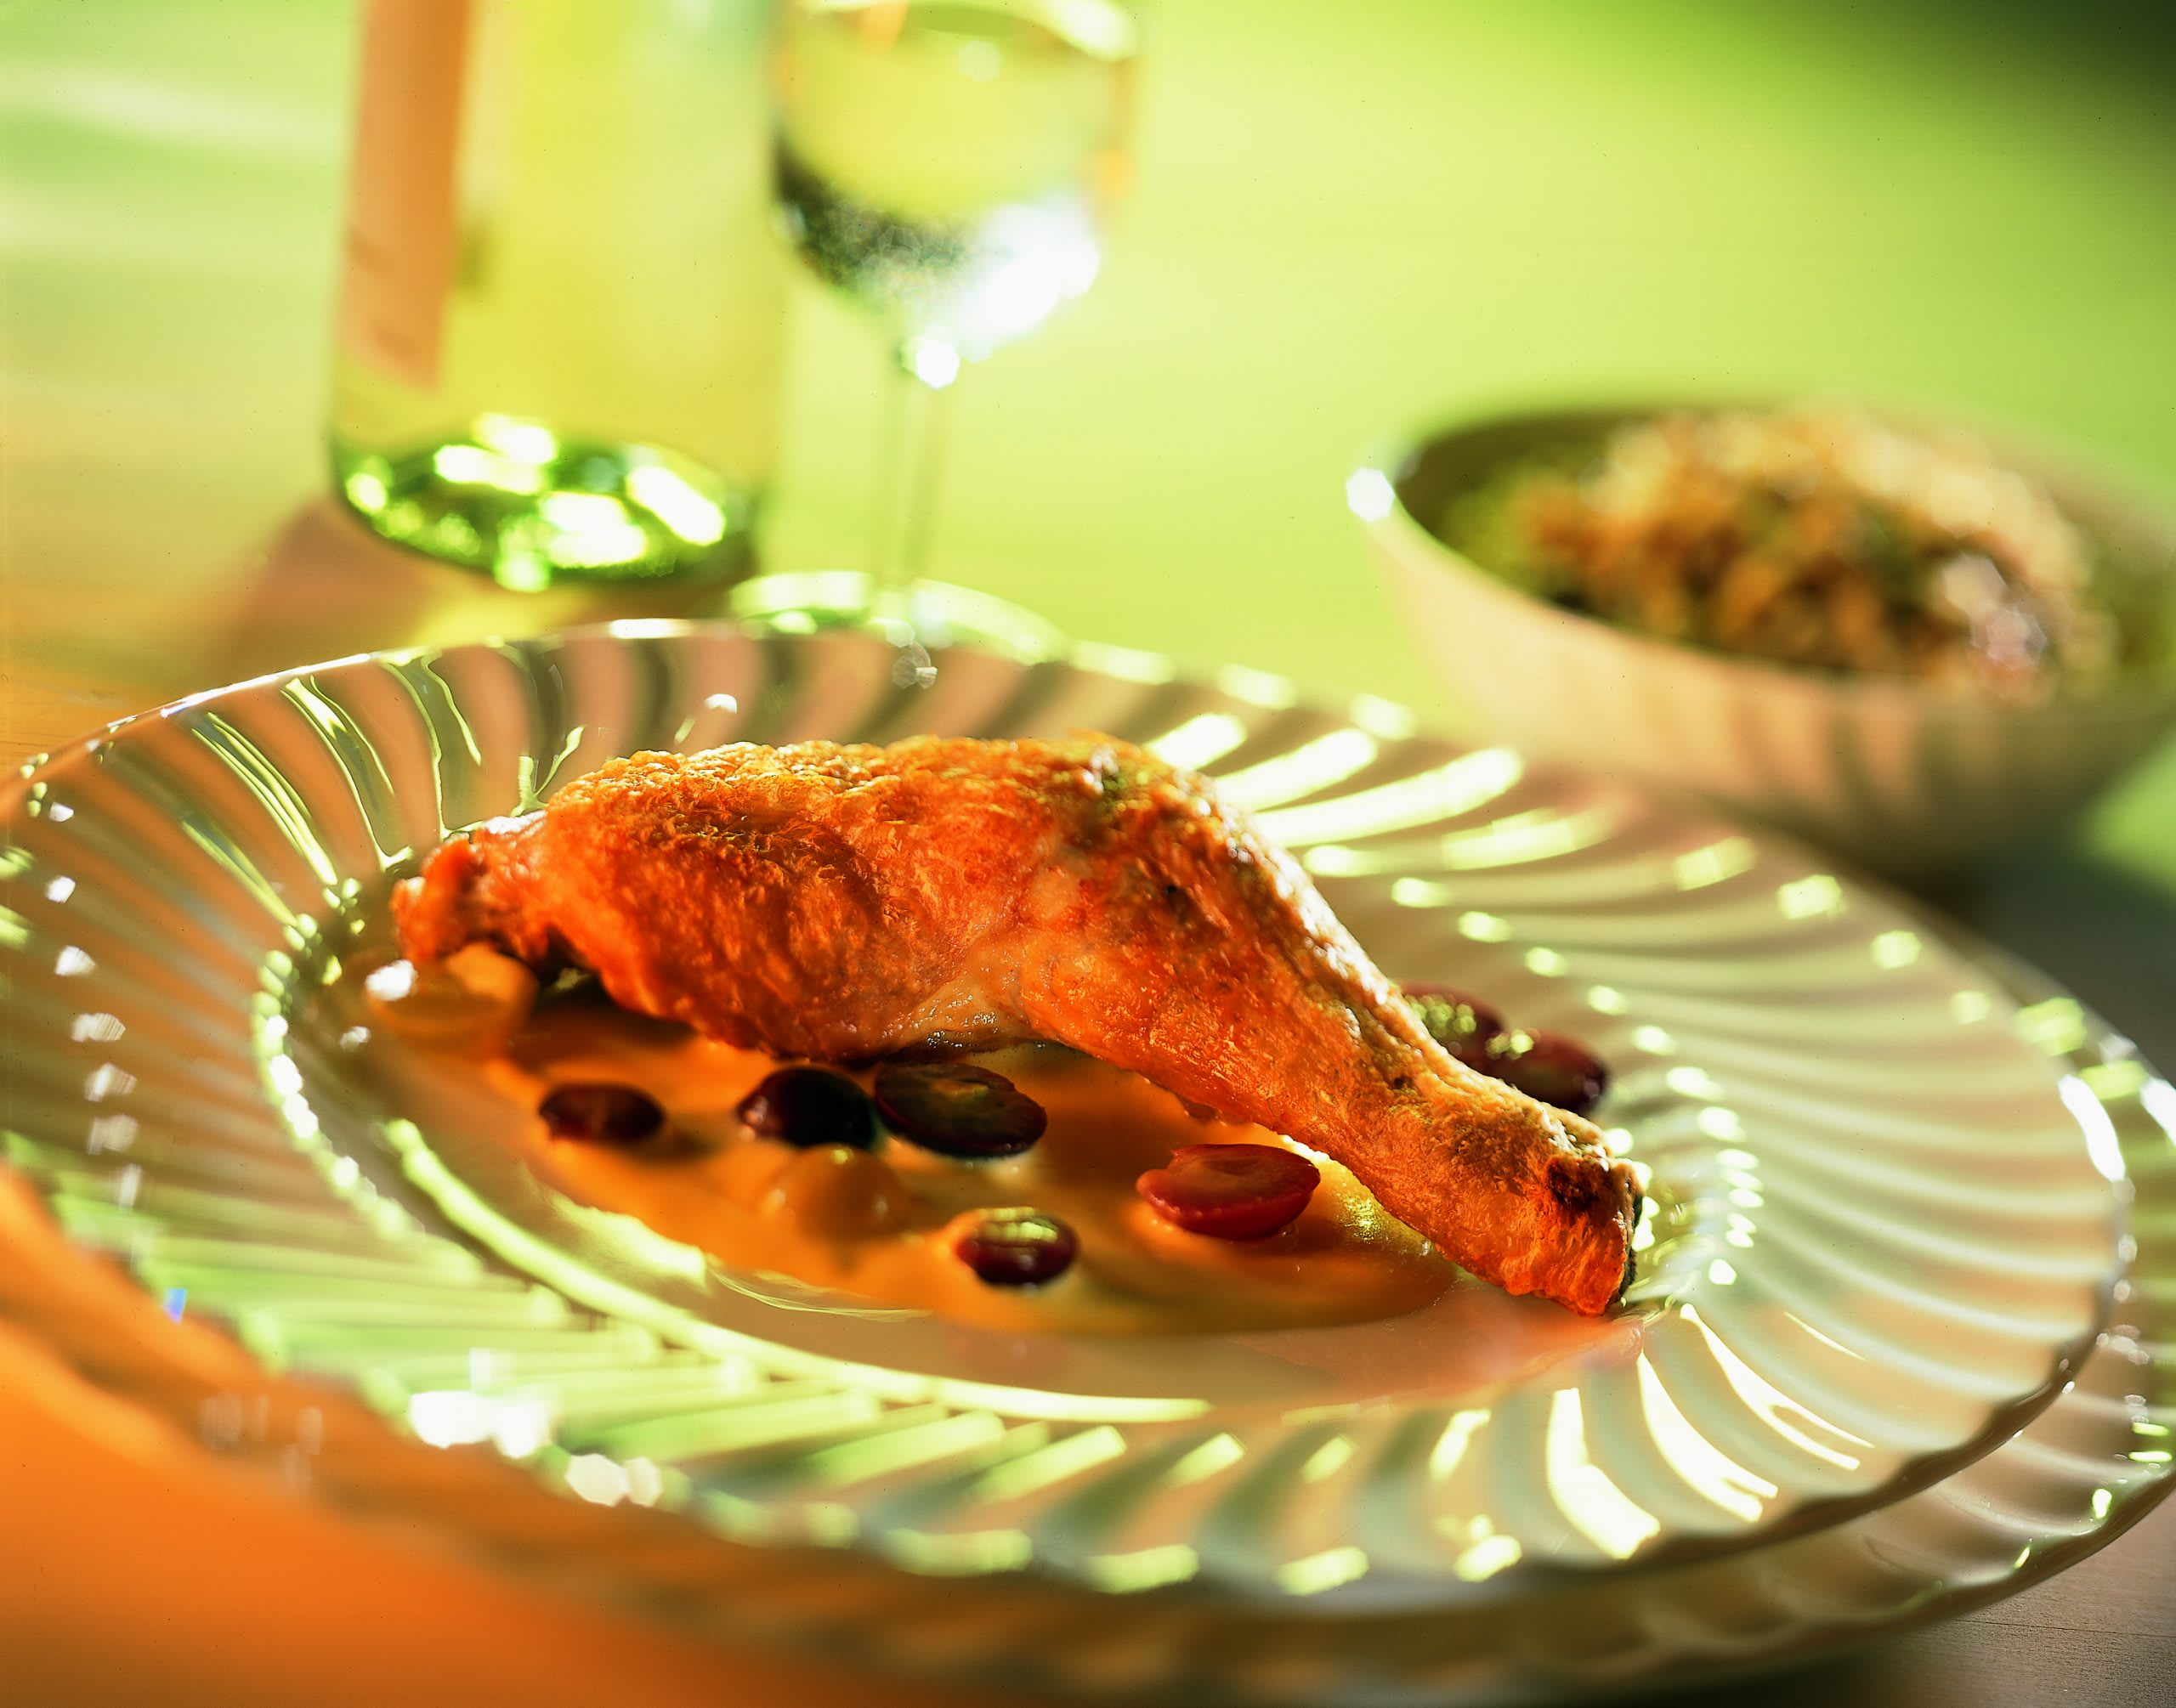 Cuisses de poulet rôties et sauce veloutée au vin blanc